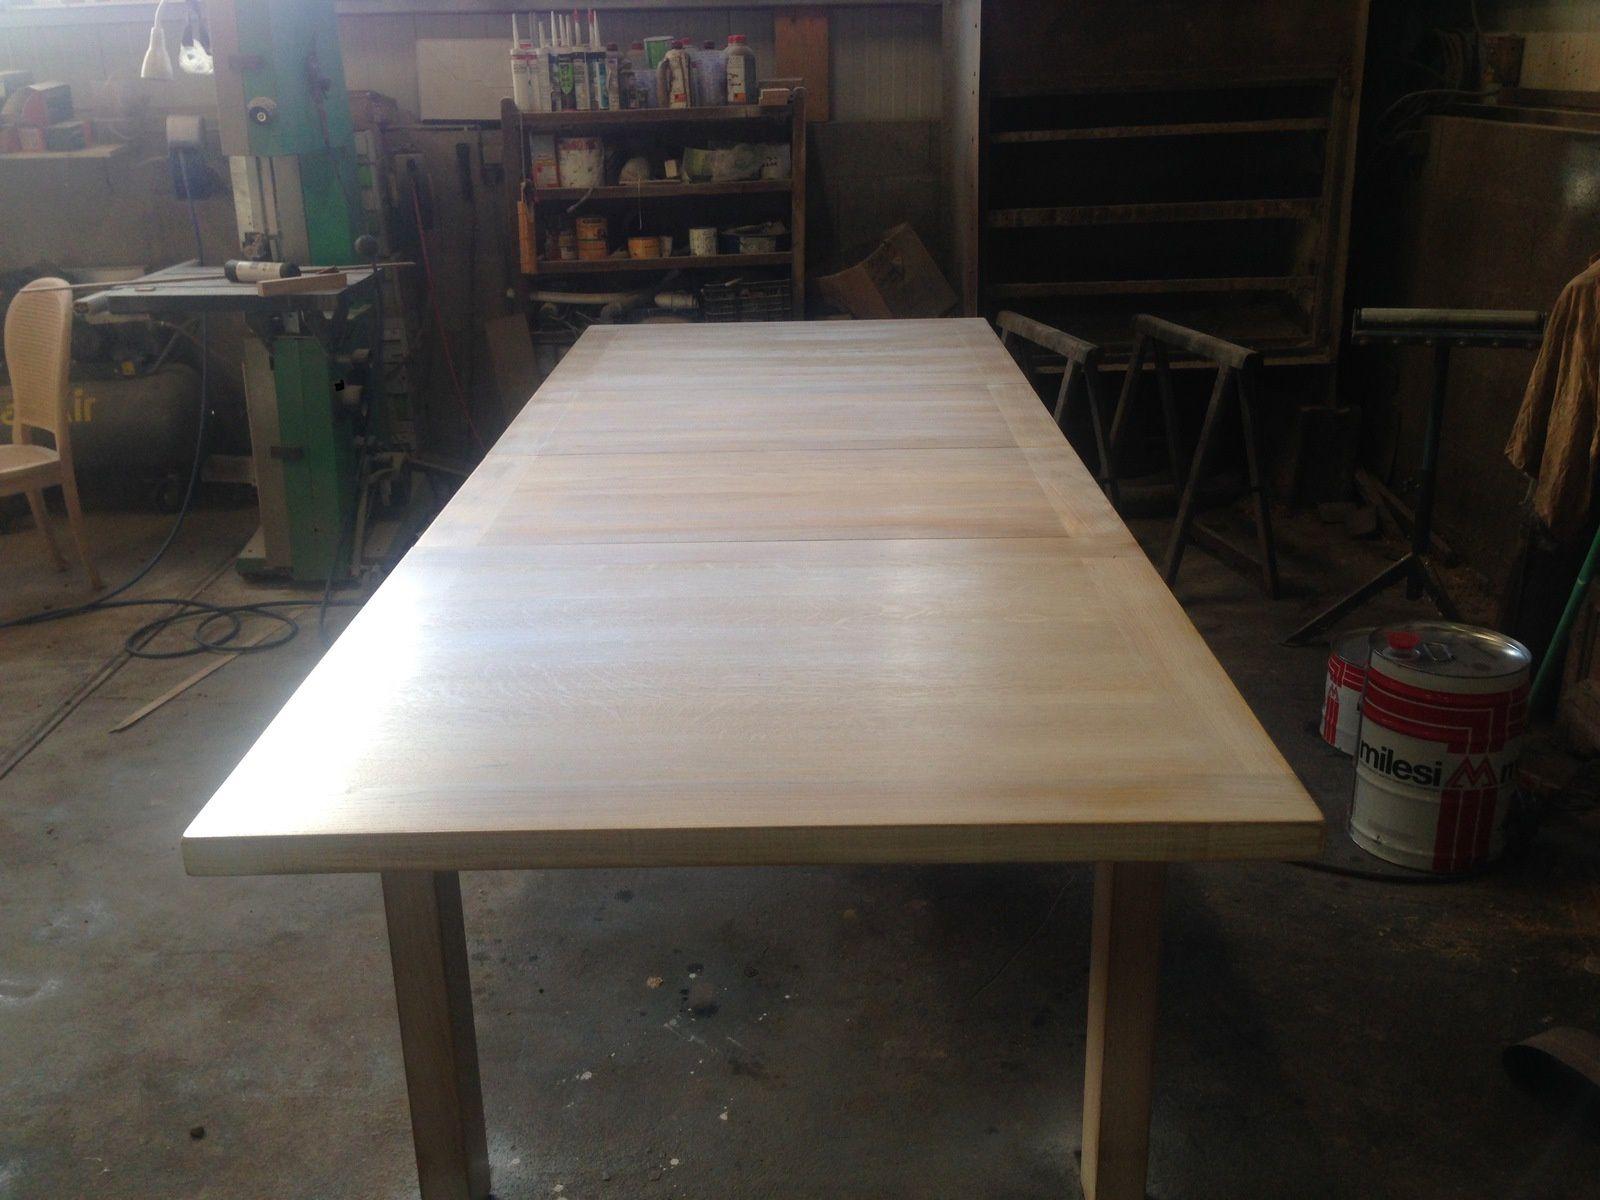 fabrication d'une table contemporaine avec 2 allonges intégrés